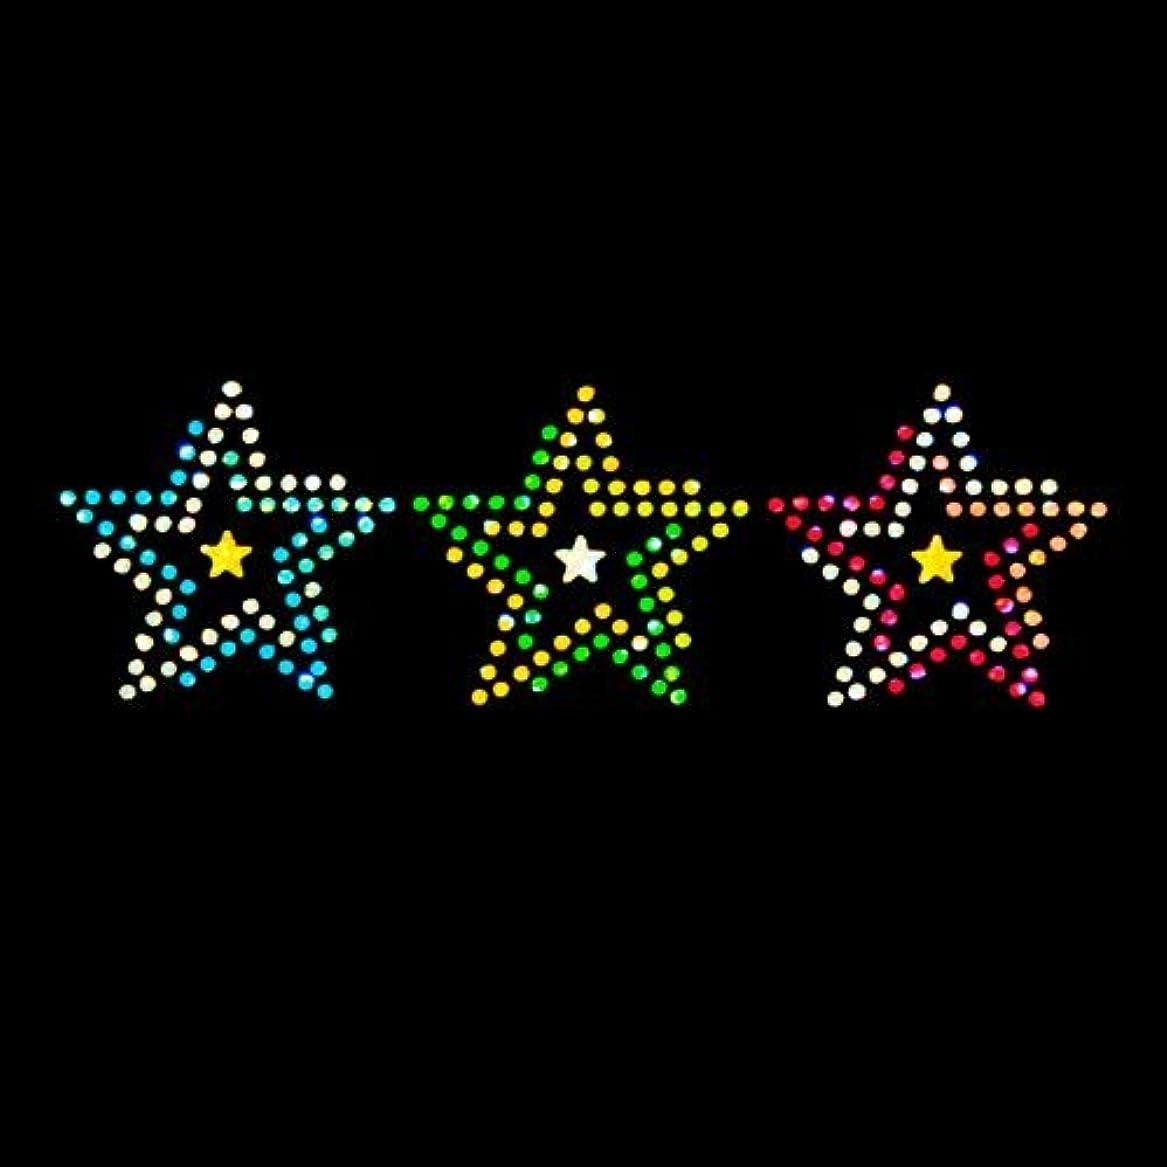 ビヨン足枷ハウジング【スパングル】 スパンコールモチーフ (3つのカラフルスターのモチーフ) アイロン接着 Mサイズ